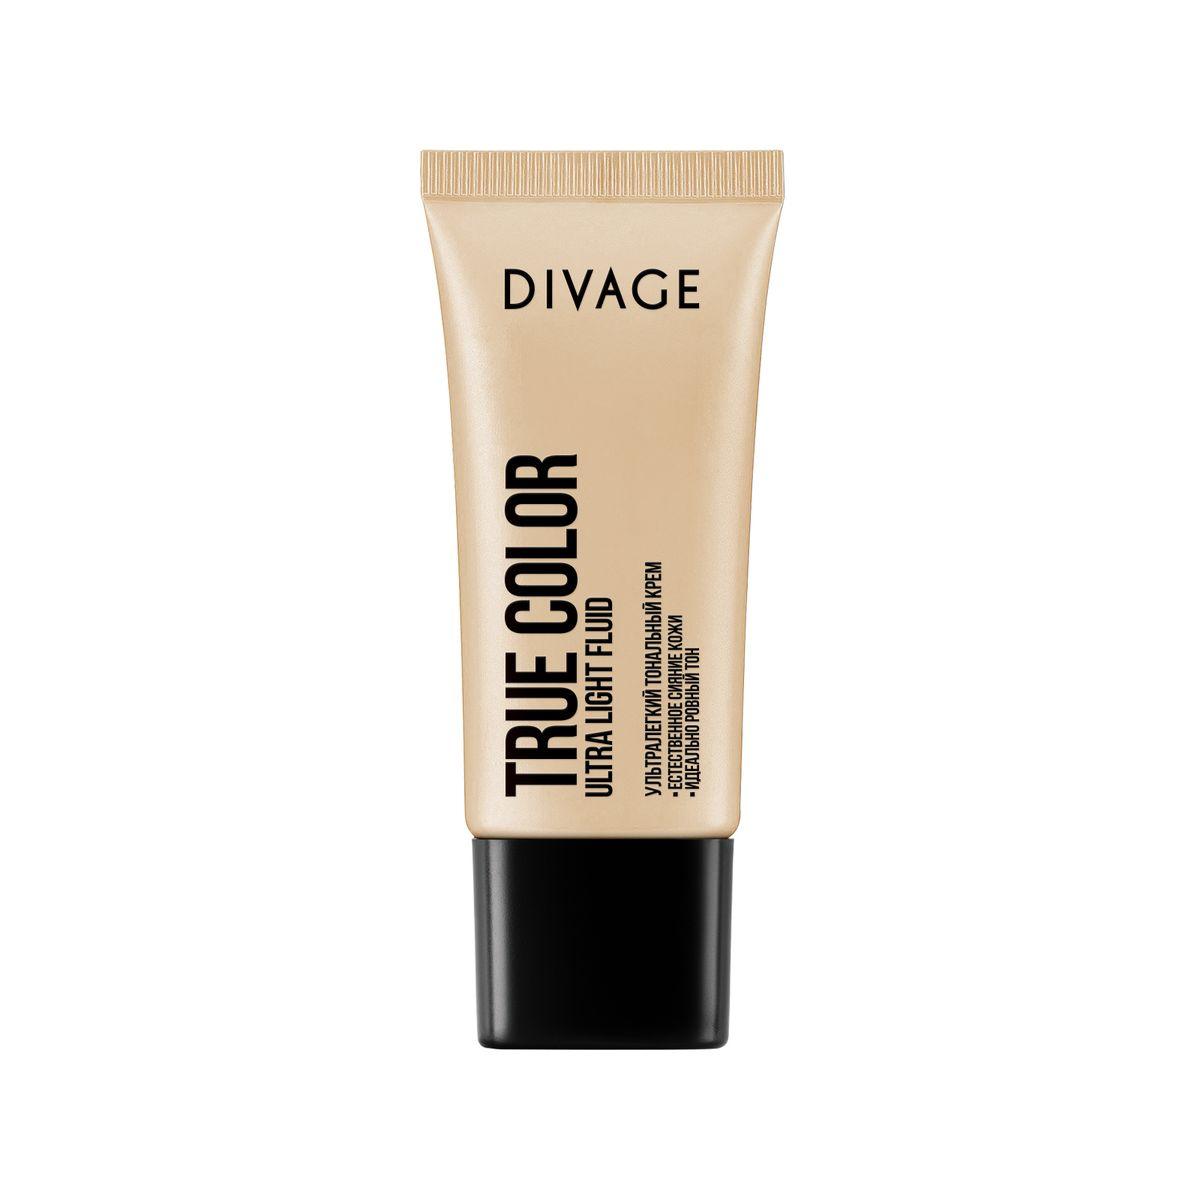 DIVAGE Тональный крем TRUE COLOR, тон № 04, 30 мл219609Невидимая и лёгкая тональная основа с прозрачной водянистой текстурой эффективно увлажняет и освежает кожу. Влага наполняет клетки и хорошо удерживается в поверхности кожи. Масло авокадо и витамины Е помогают клеткам кожи противостоять вредным воздействиям окружающей среды. Хорошо увлажнённая и защищённая кожа выглядит свежей, ухоженной и ровной без ощущения маски на лице. Красивая кожа лица - секрет идеального макияжа и залог твоего хорошего настроения, поэтому выбору тонального крема стоит уделить особое внимание! Выбирай тональный крем в соответствии с твоим типом кожи. Наносить тональный крем лучше от центра лица, двигаясь к периферии. Ты можешь выбрать для нанесения любой способ. Влажный спонж обеспечит максимально тонкий и равномерный слой тонального средства, кистью лучше получится выполнить более плотное покрытие, а нанесение пальчиками подарит естественный эффект. Совершенство возможно с DIVAGE!